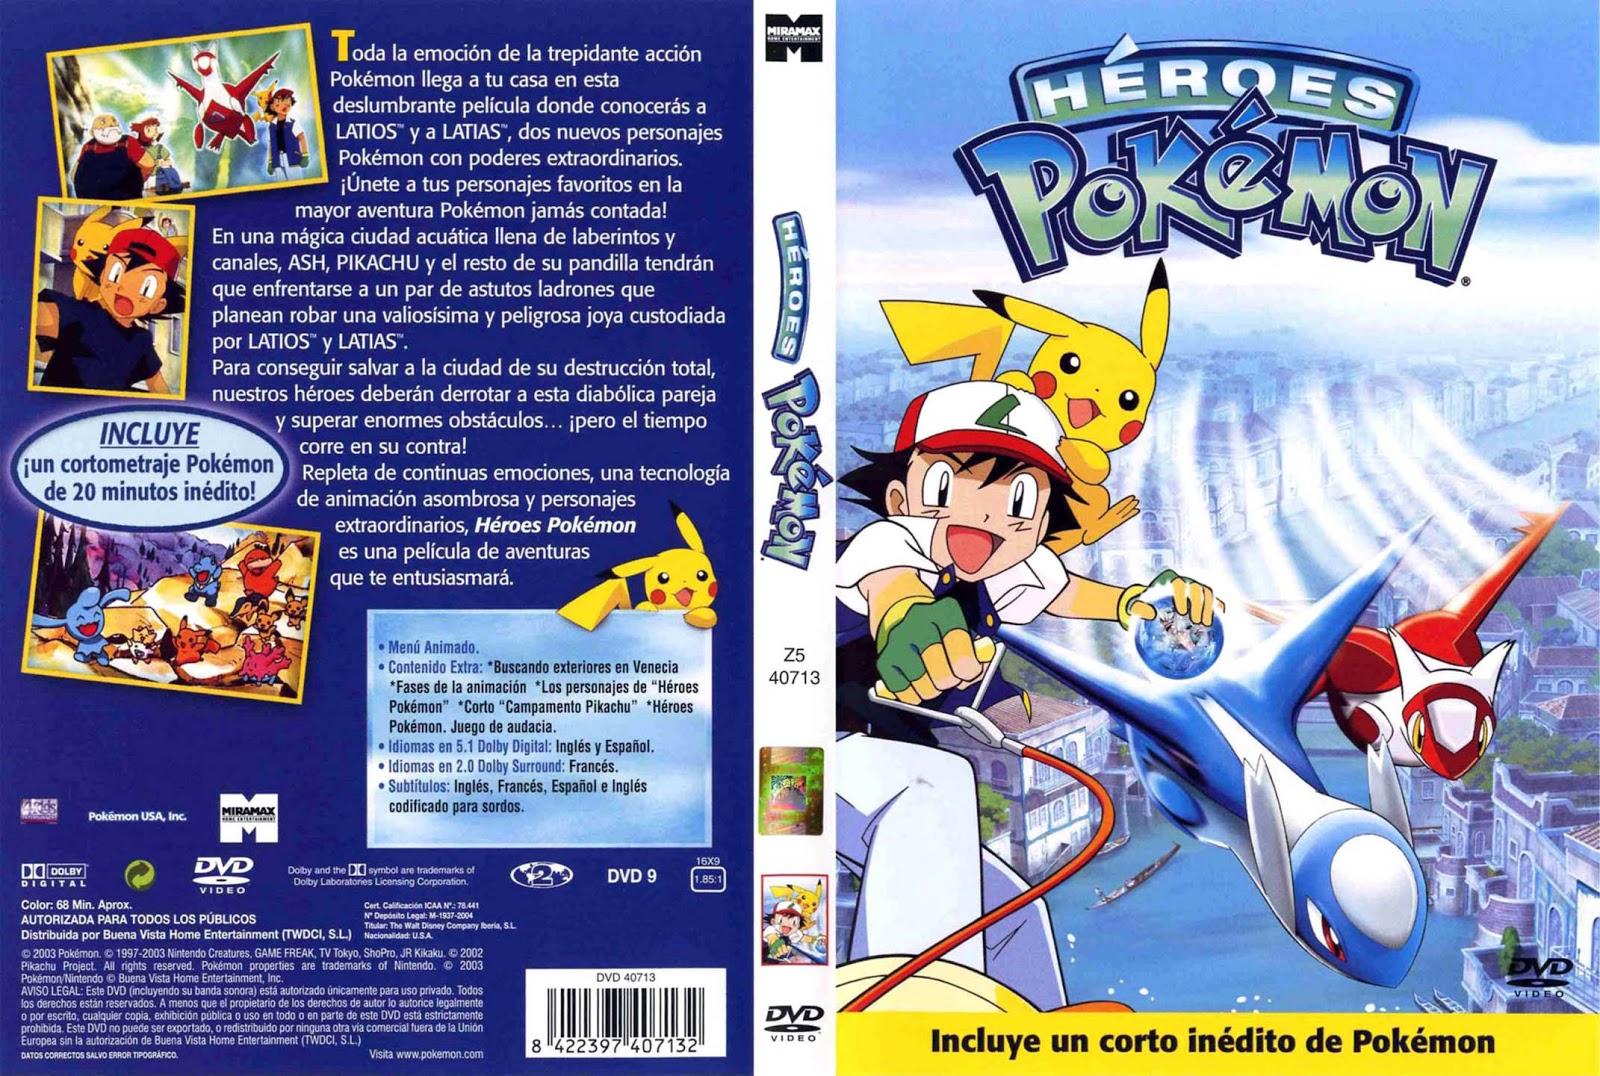 Heroes_Pokemon-Caratula - [DD] Pokémon Película 5 Héroes Pokémon: Latios y Latias - Anime Ligero [Descargas]